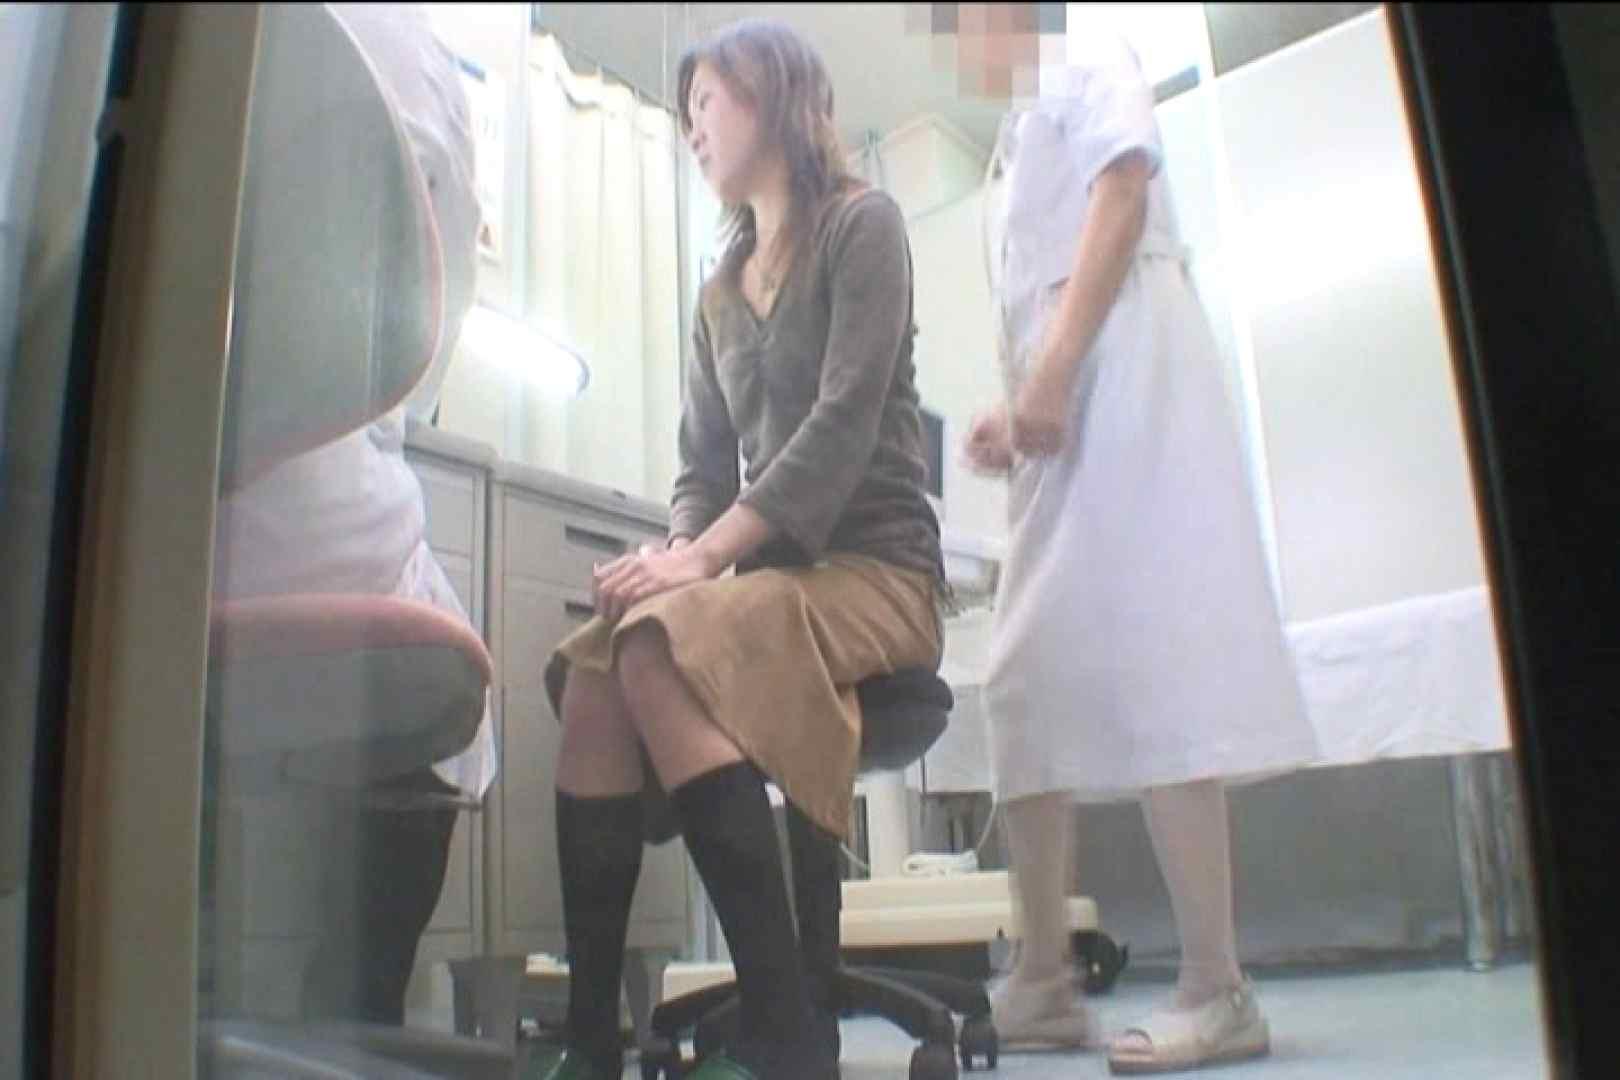 患者のおまんこをコレクションする変態医師の流出映像Vol.1 ワルノリ  55枚 40